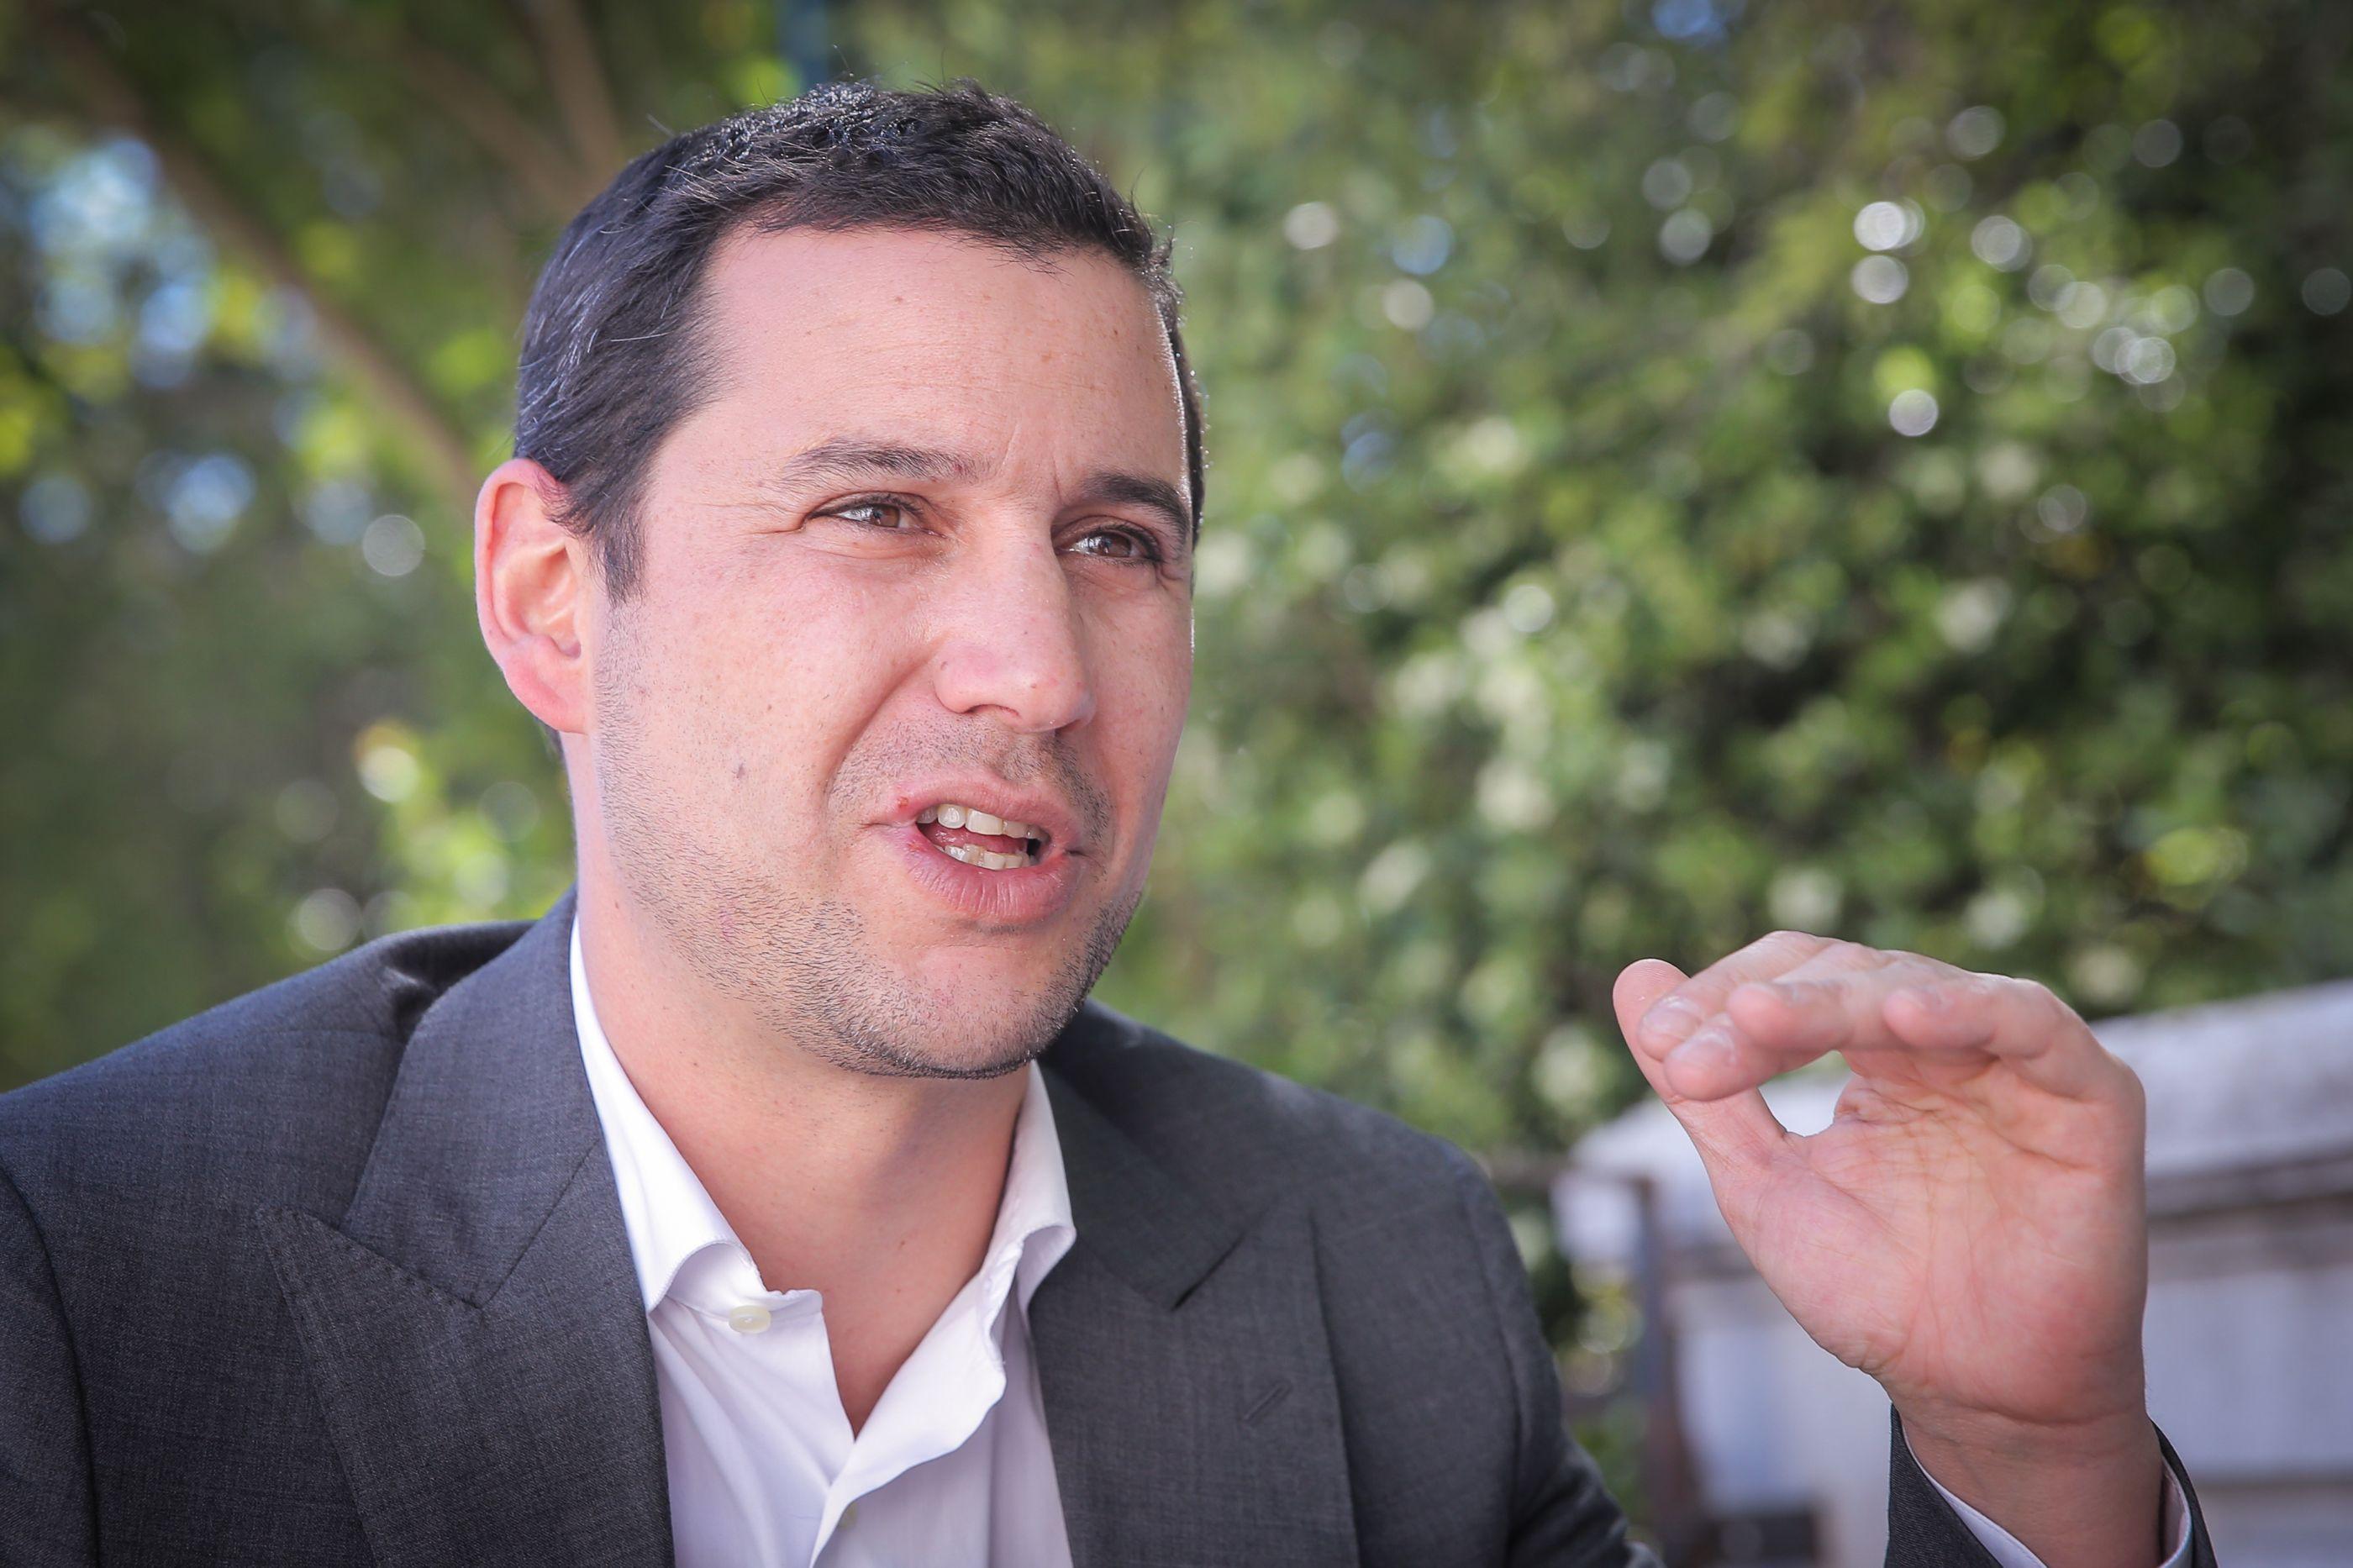 Galamba diz que decreto de governo de Passos prejudicou consumidores